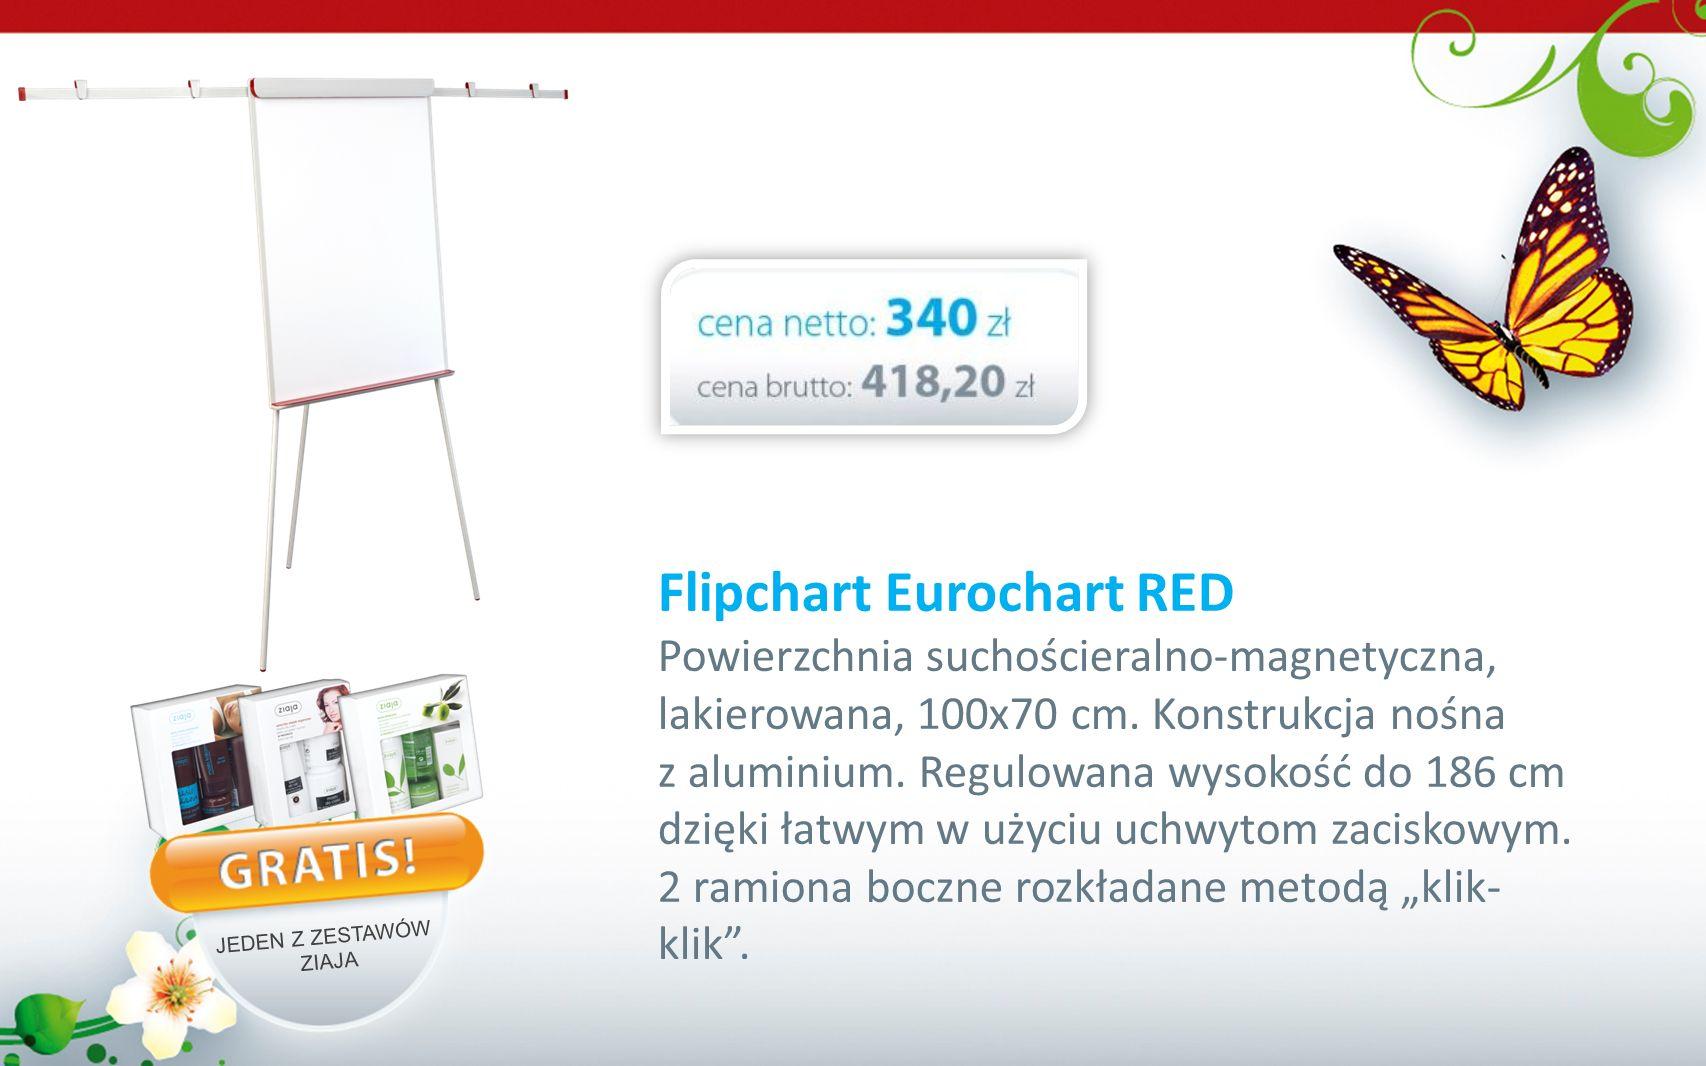 Flipchart Eurochart RED Powierzchnia suchościeralno-magnetyczna, lakierowana, 100x70 cm. Konstrukcja nośna z aluminium. Regulowana wysokość do 186 cm